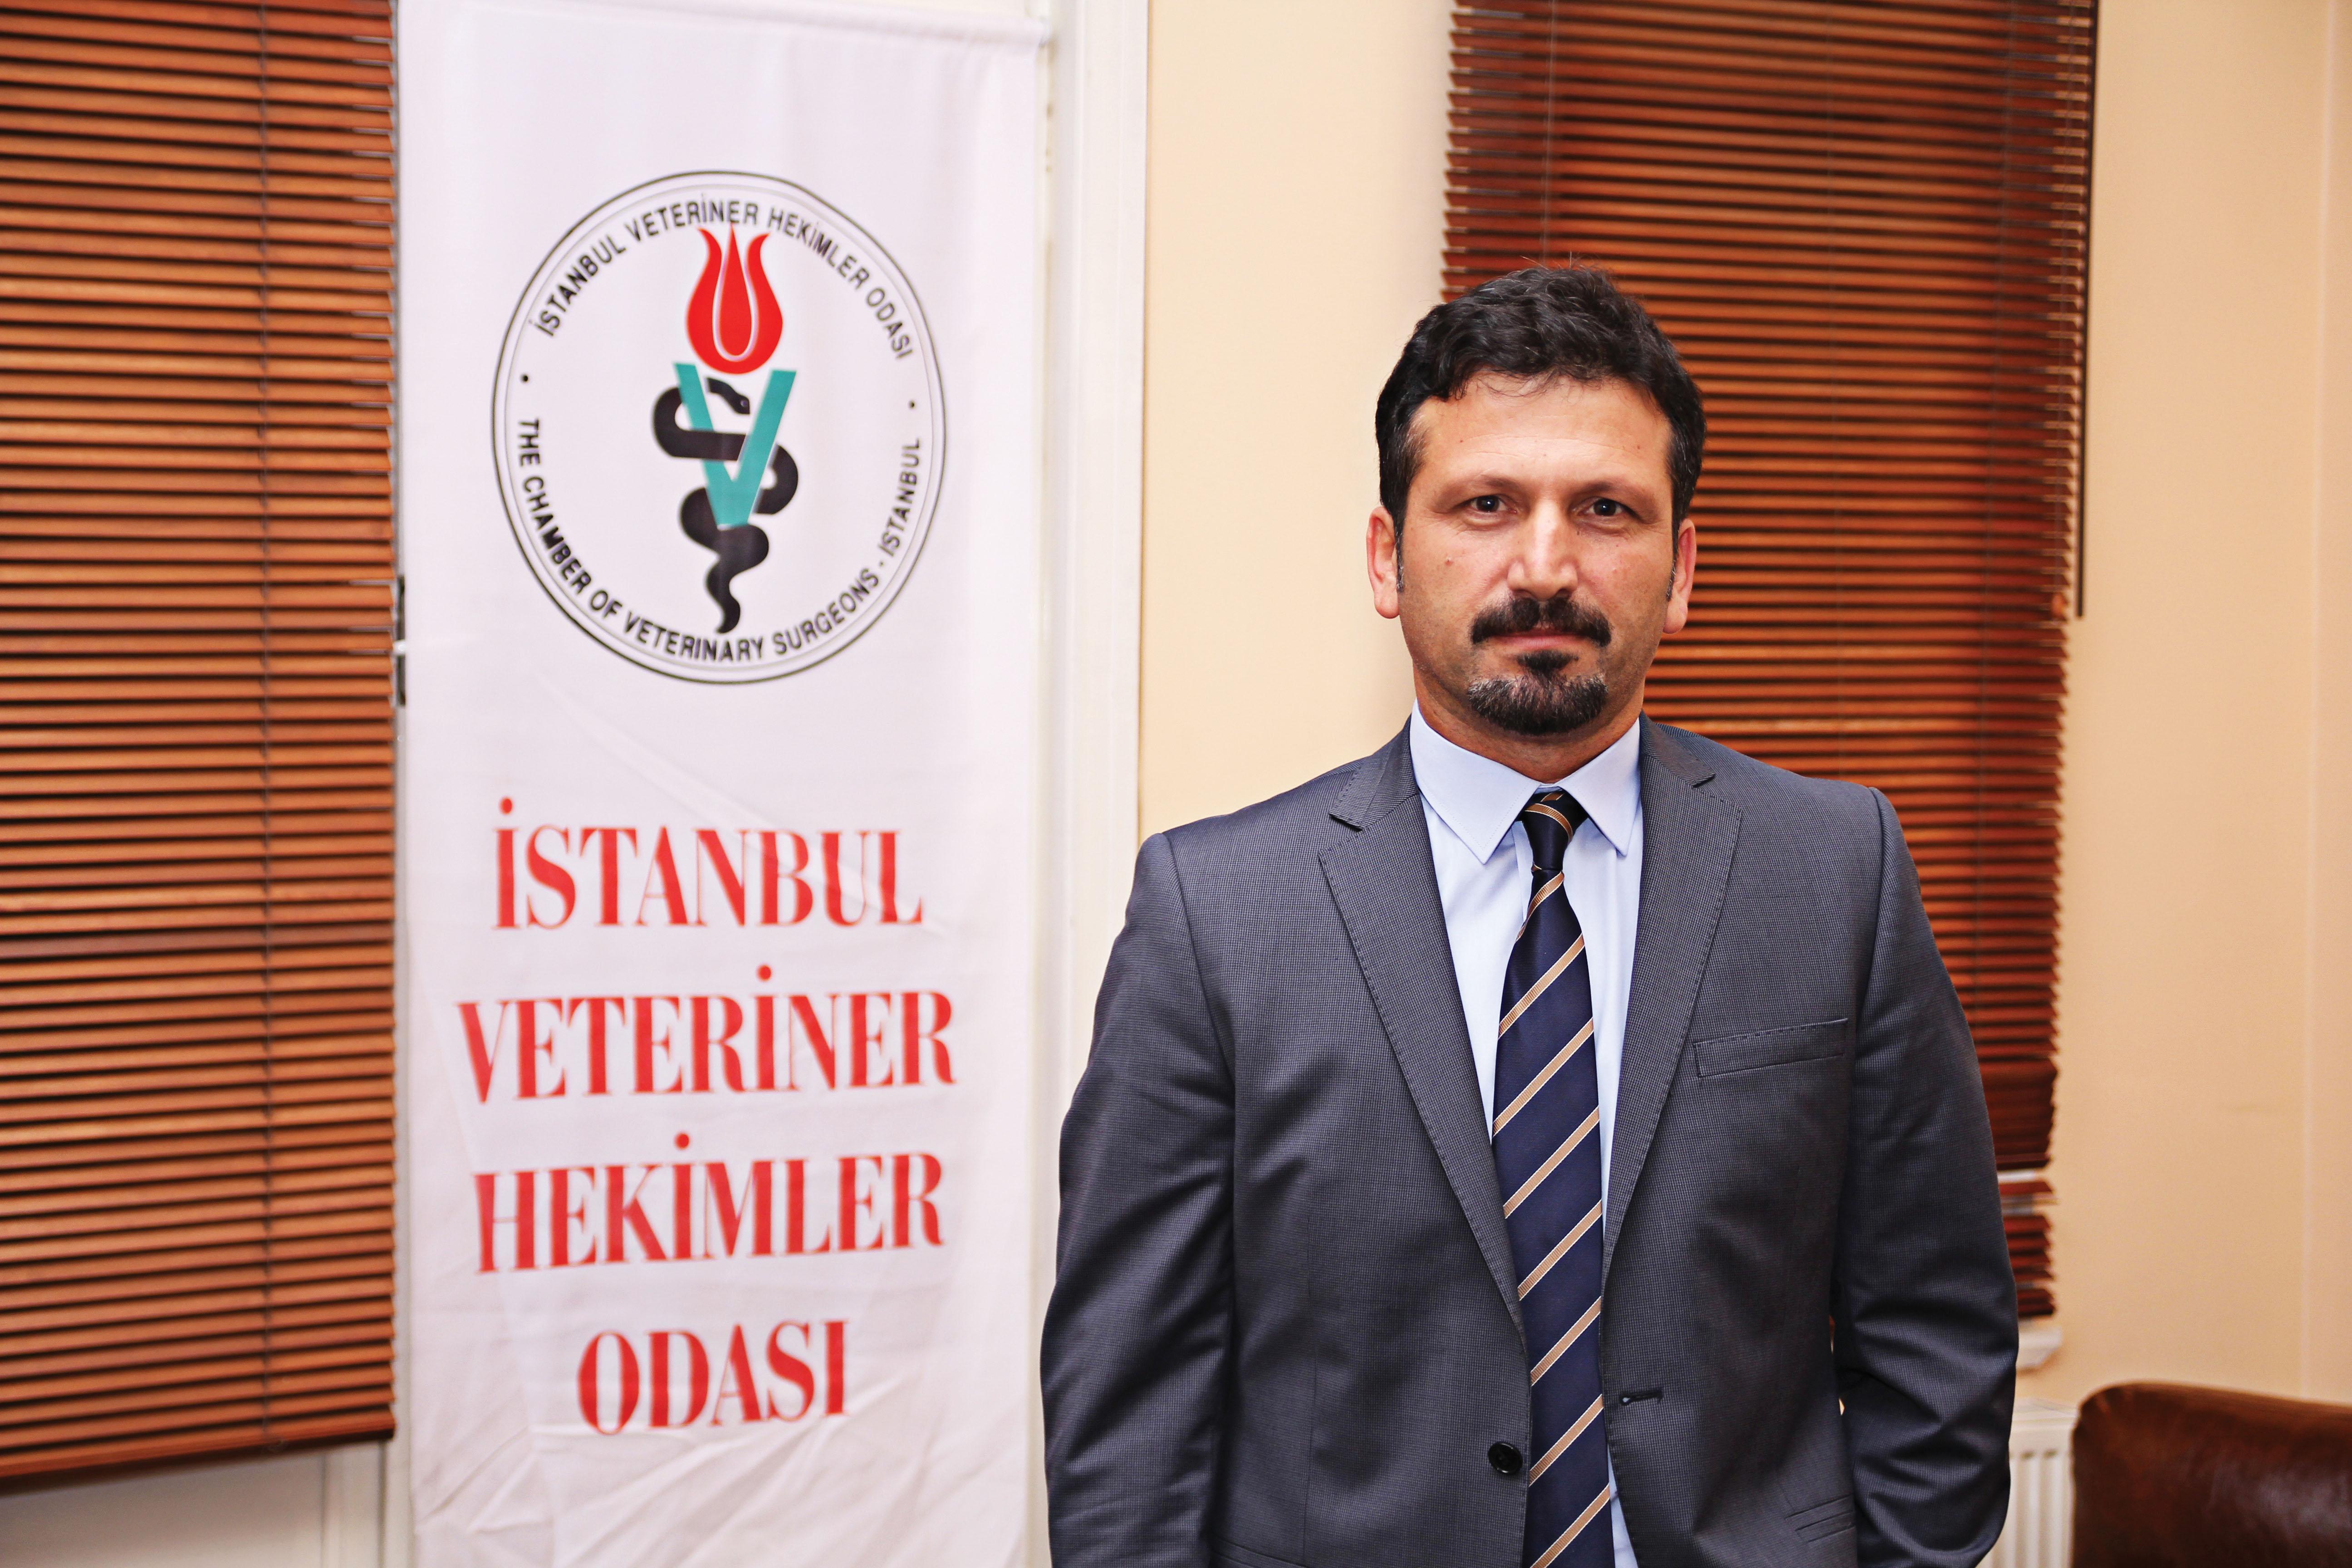 Istanbul Veteriner Hekimler Odasi Insanlar Hayvanlari Koruma